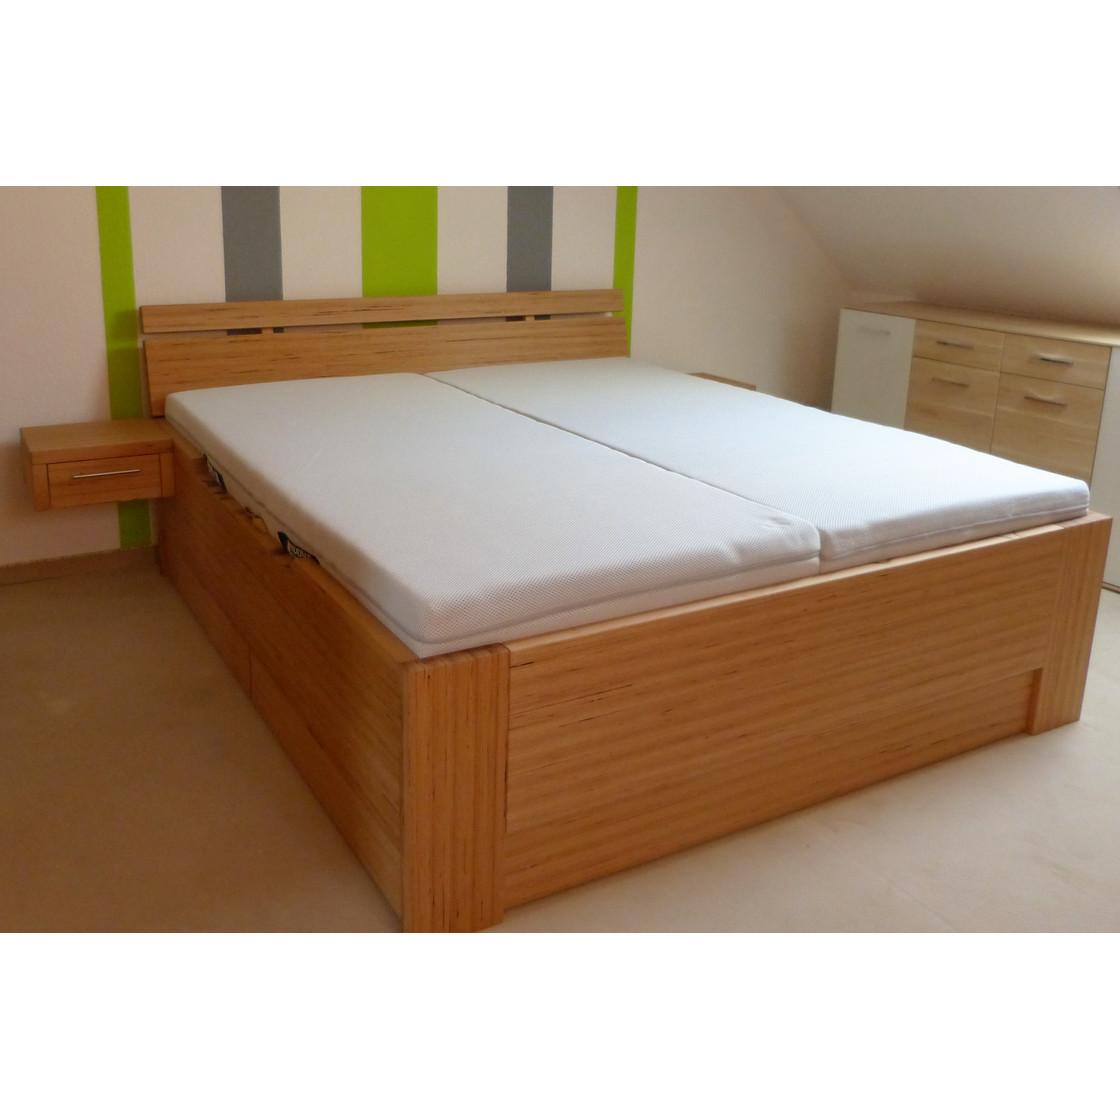 Full Size of Klappbares Doppelbett Massivholzbett Stauraumwunder Weissensee Mw Ausklappbares Bett Wohnzimmer Klappbares Doppelbett